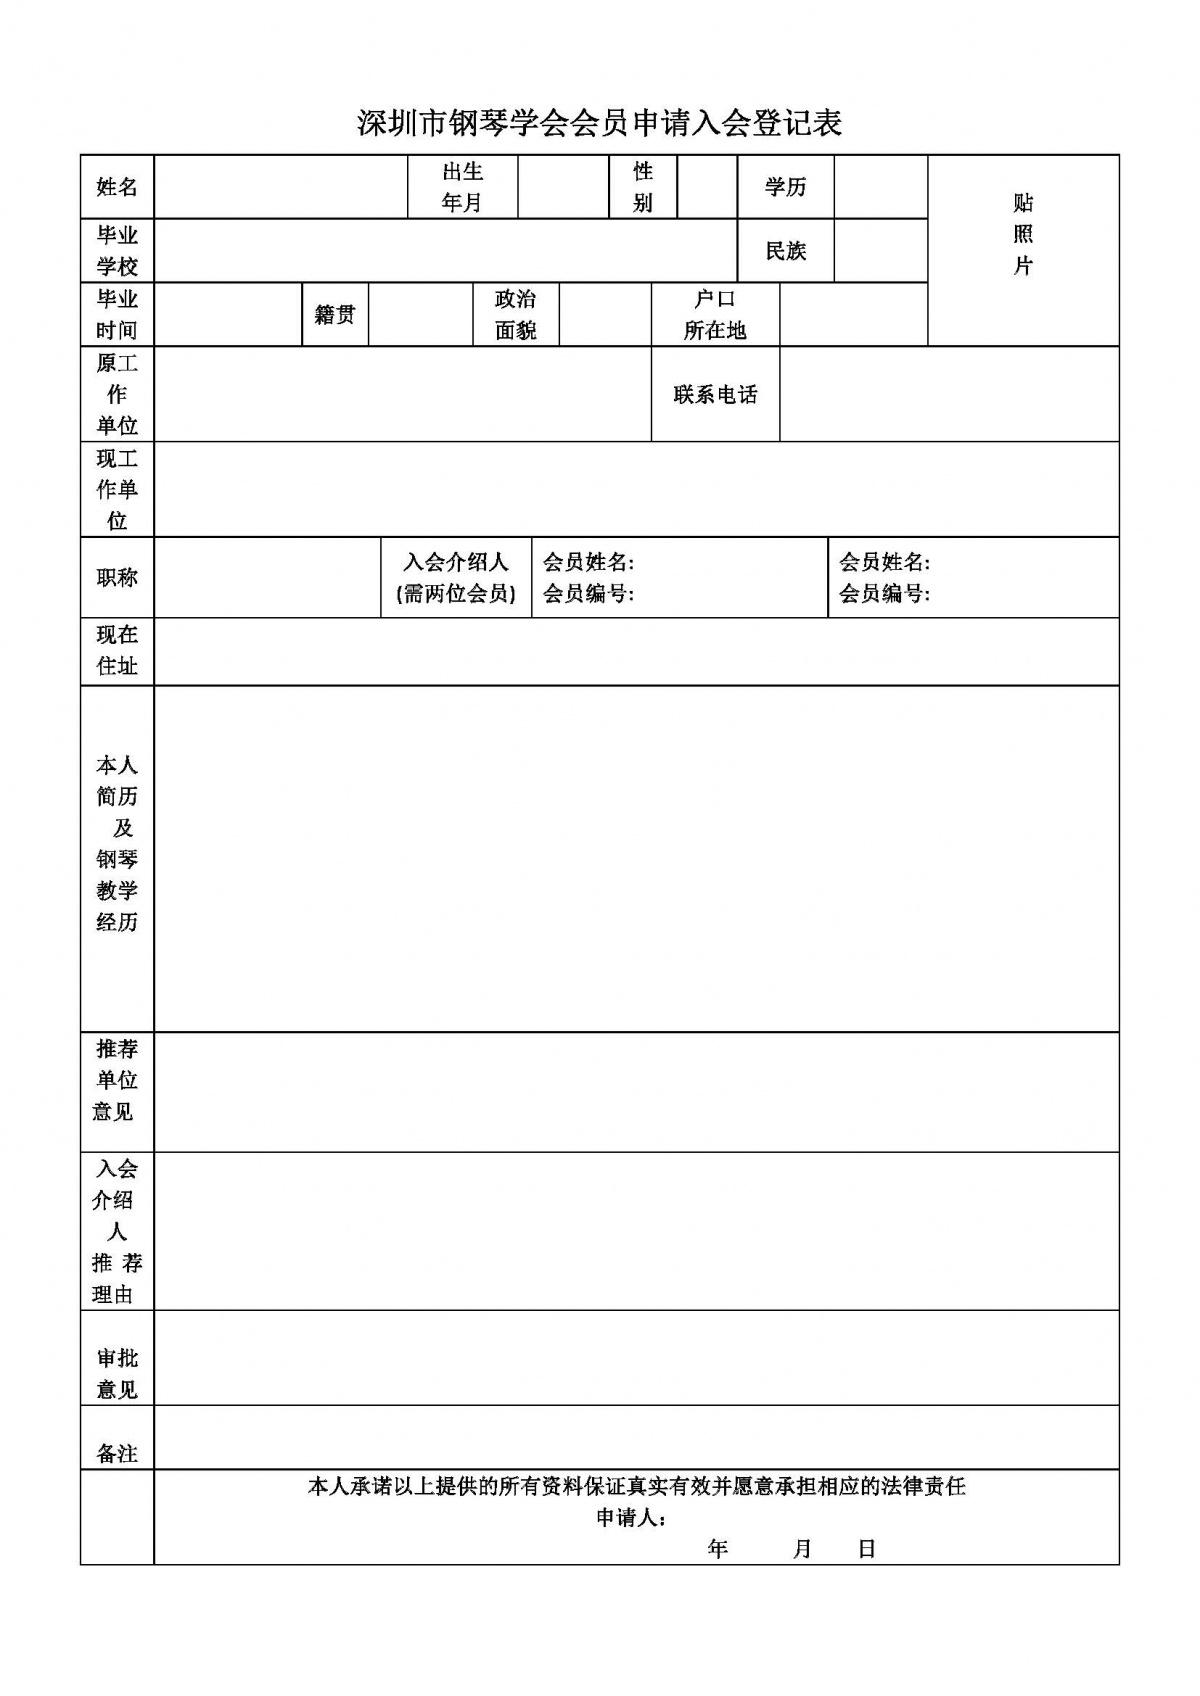 深圳市钢琴学会会员申请入会登记表.jpg